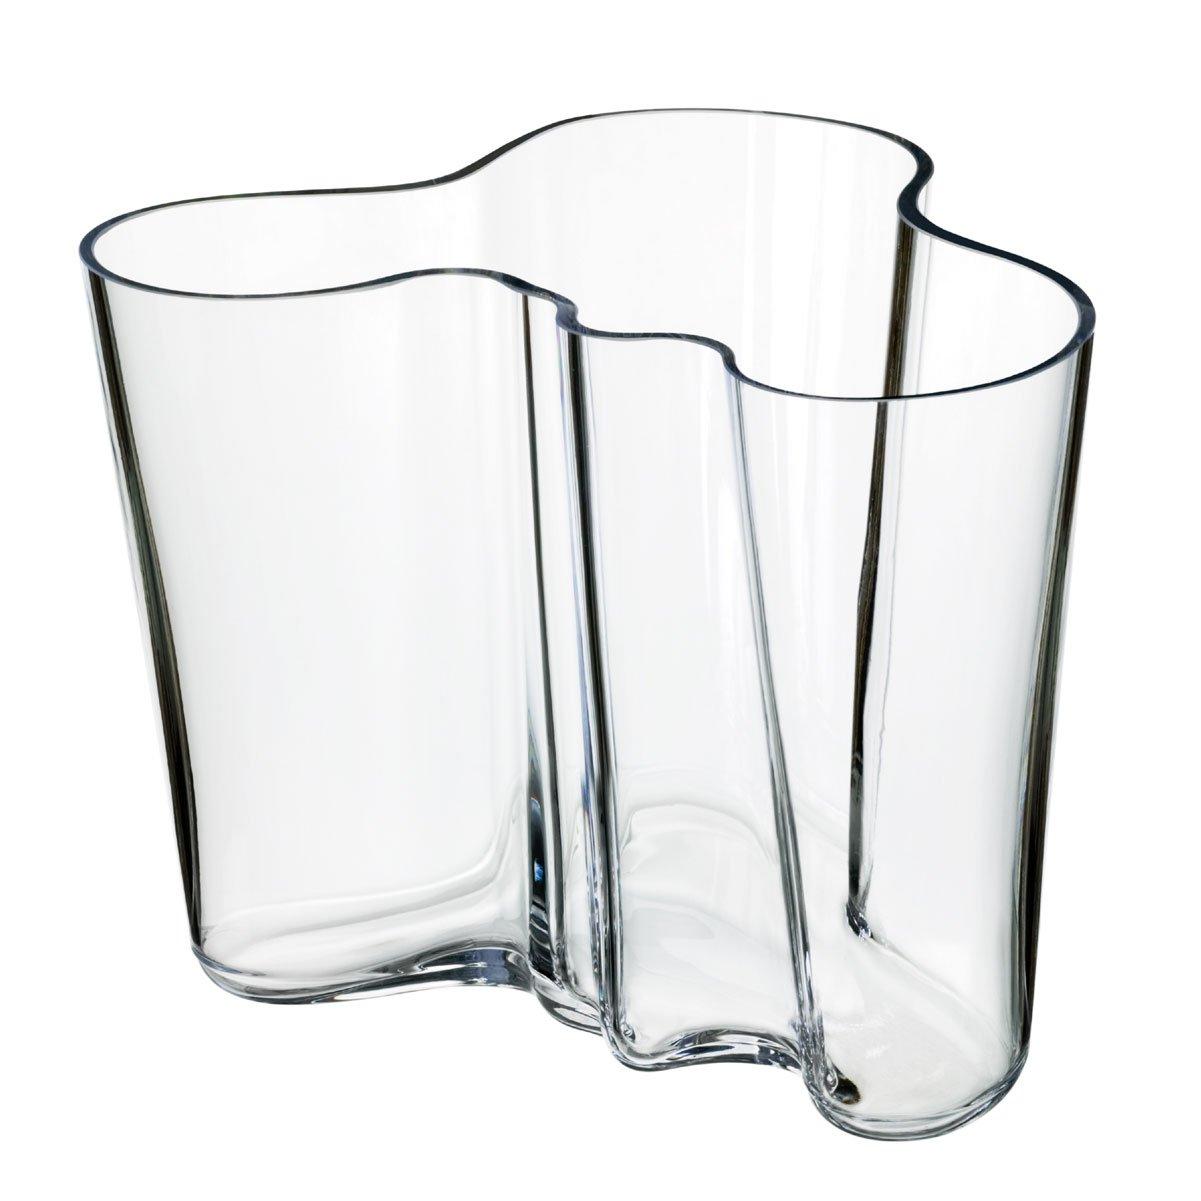 Iittala Aalto Vase Clear, Large by Iittala